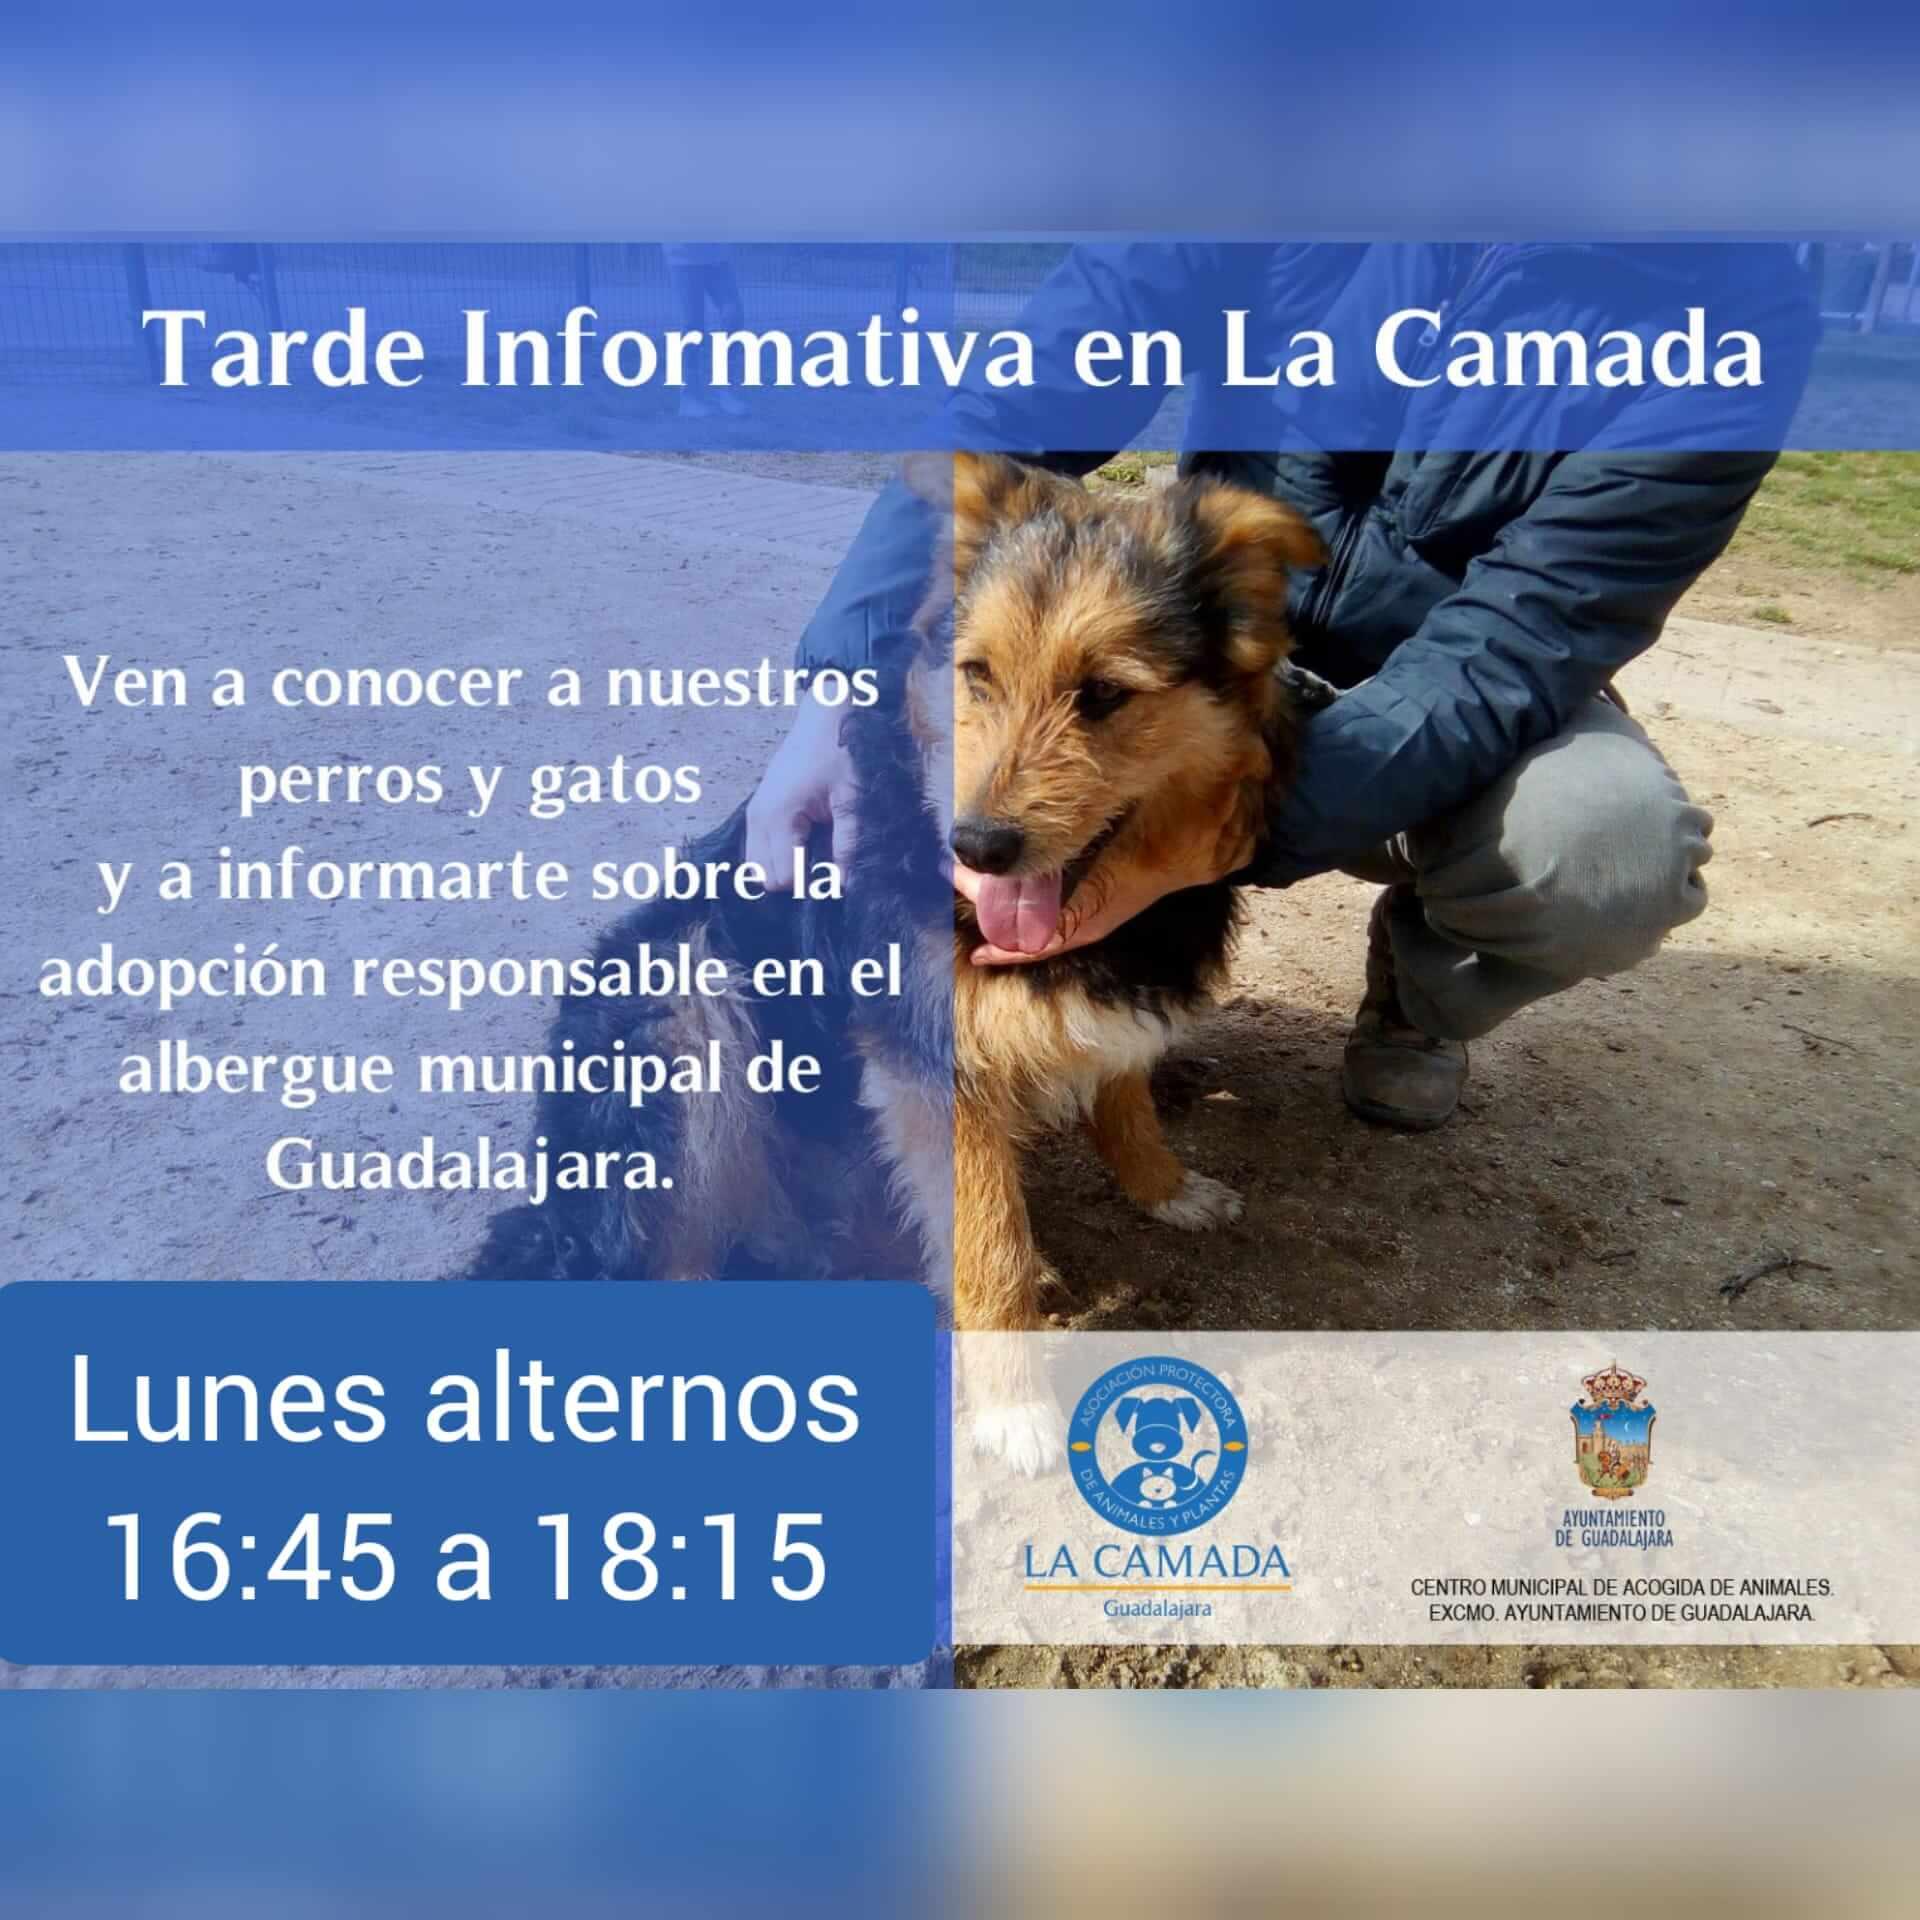 Tardes Informativas en el albergue de La Camada @ La Camada